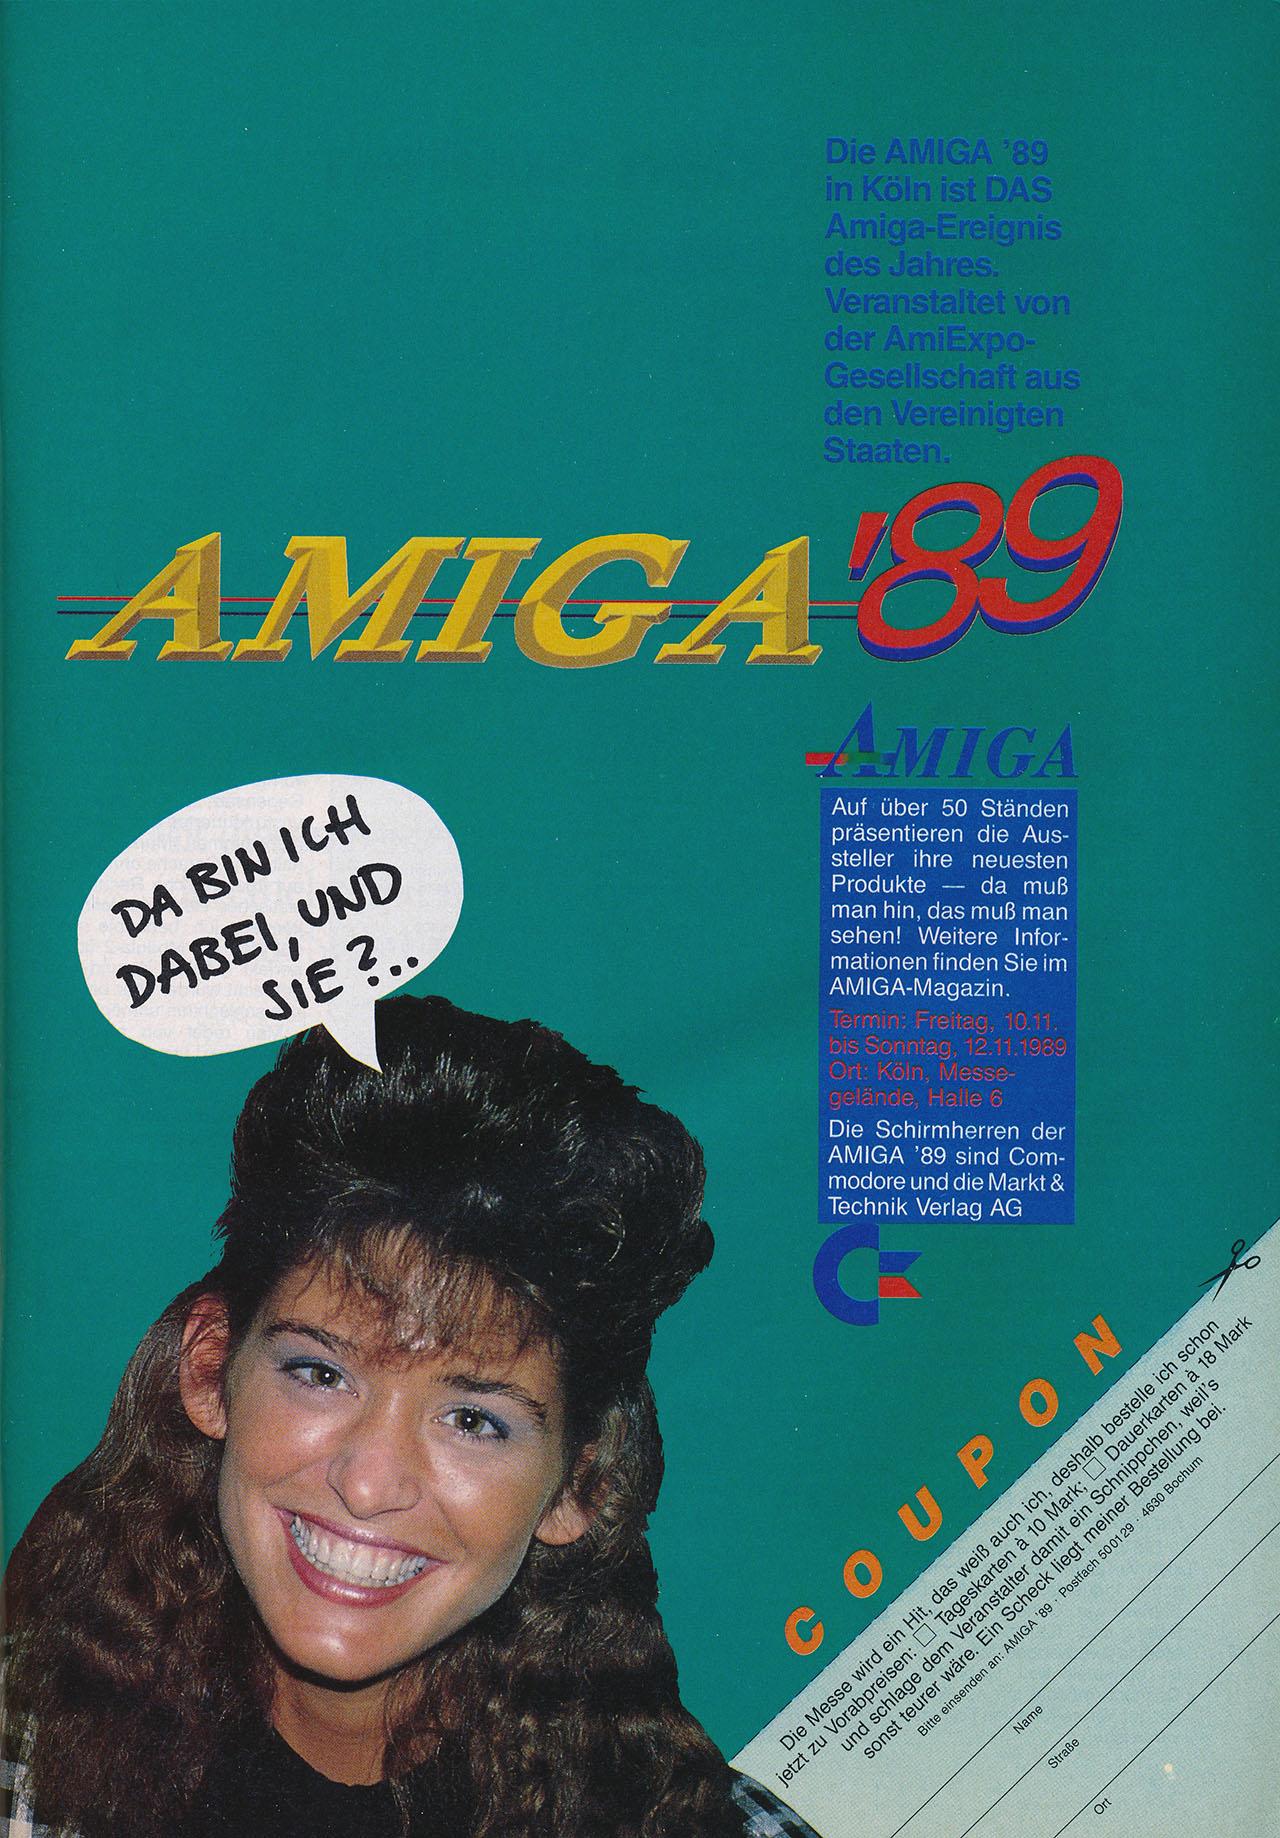 AMIGA'89 Anzeigenmotiv (Bild: AmiExpo)